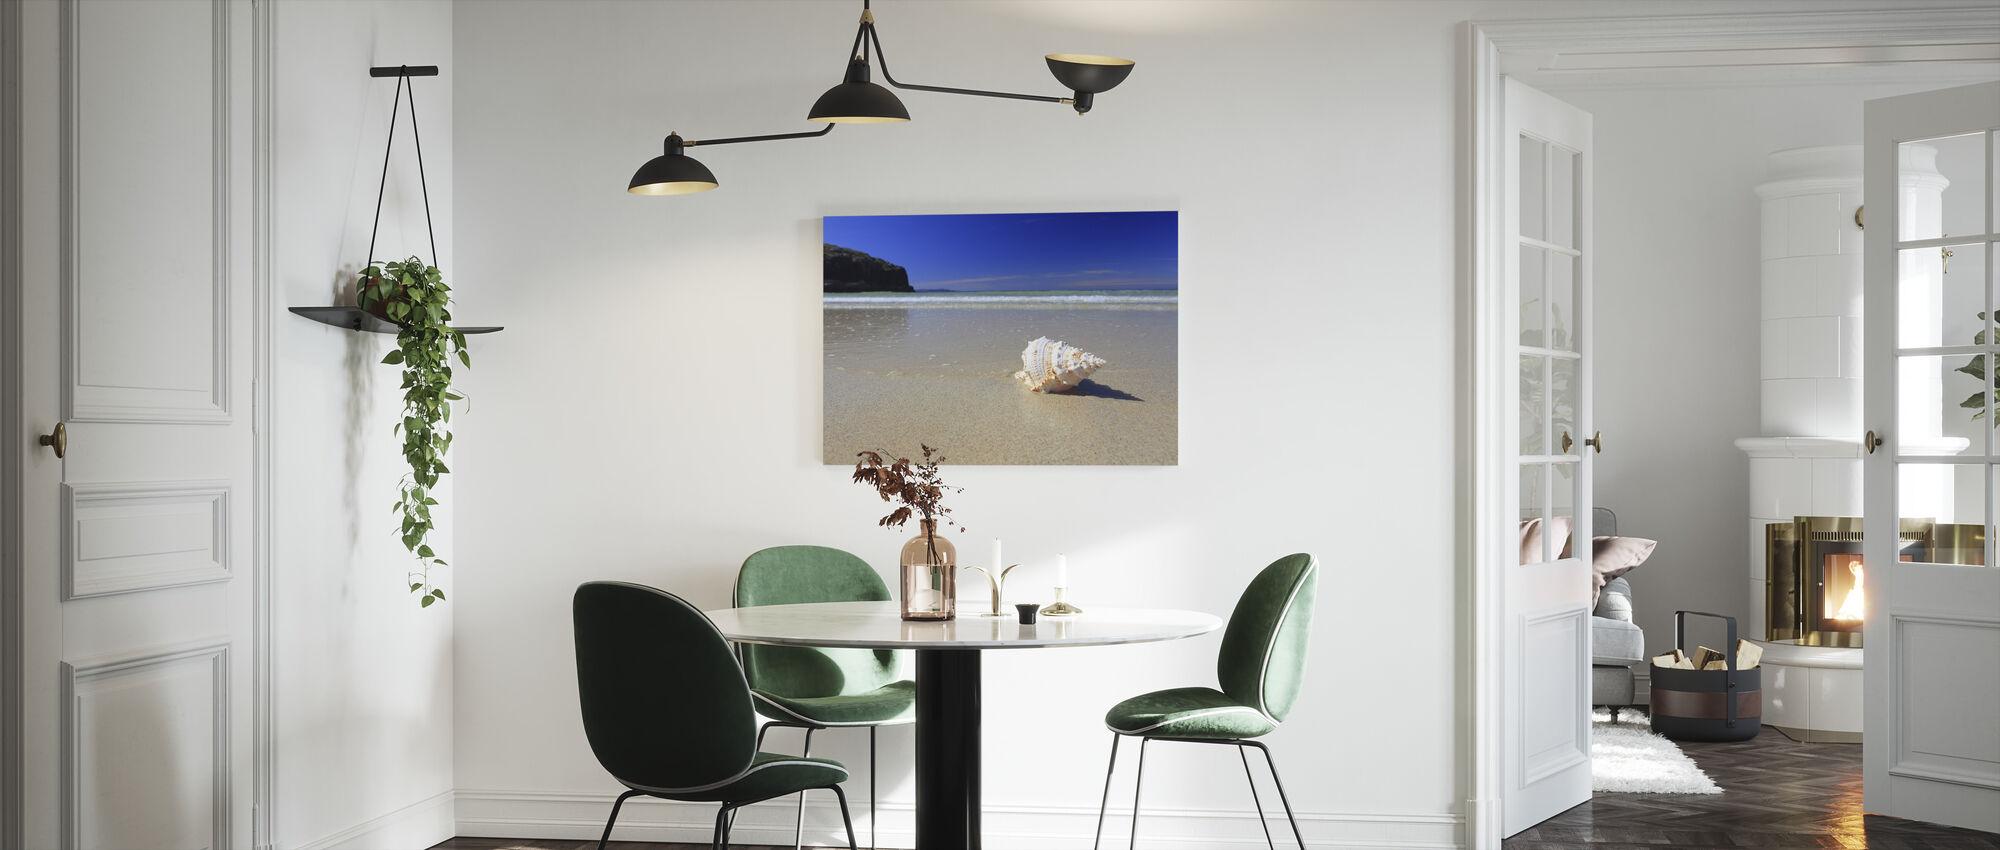 Schelp op strand - Canvas print - Keuken